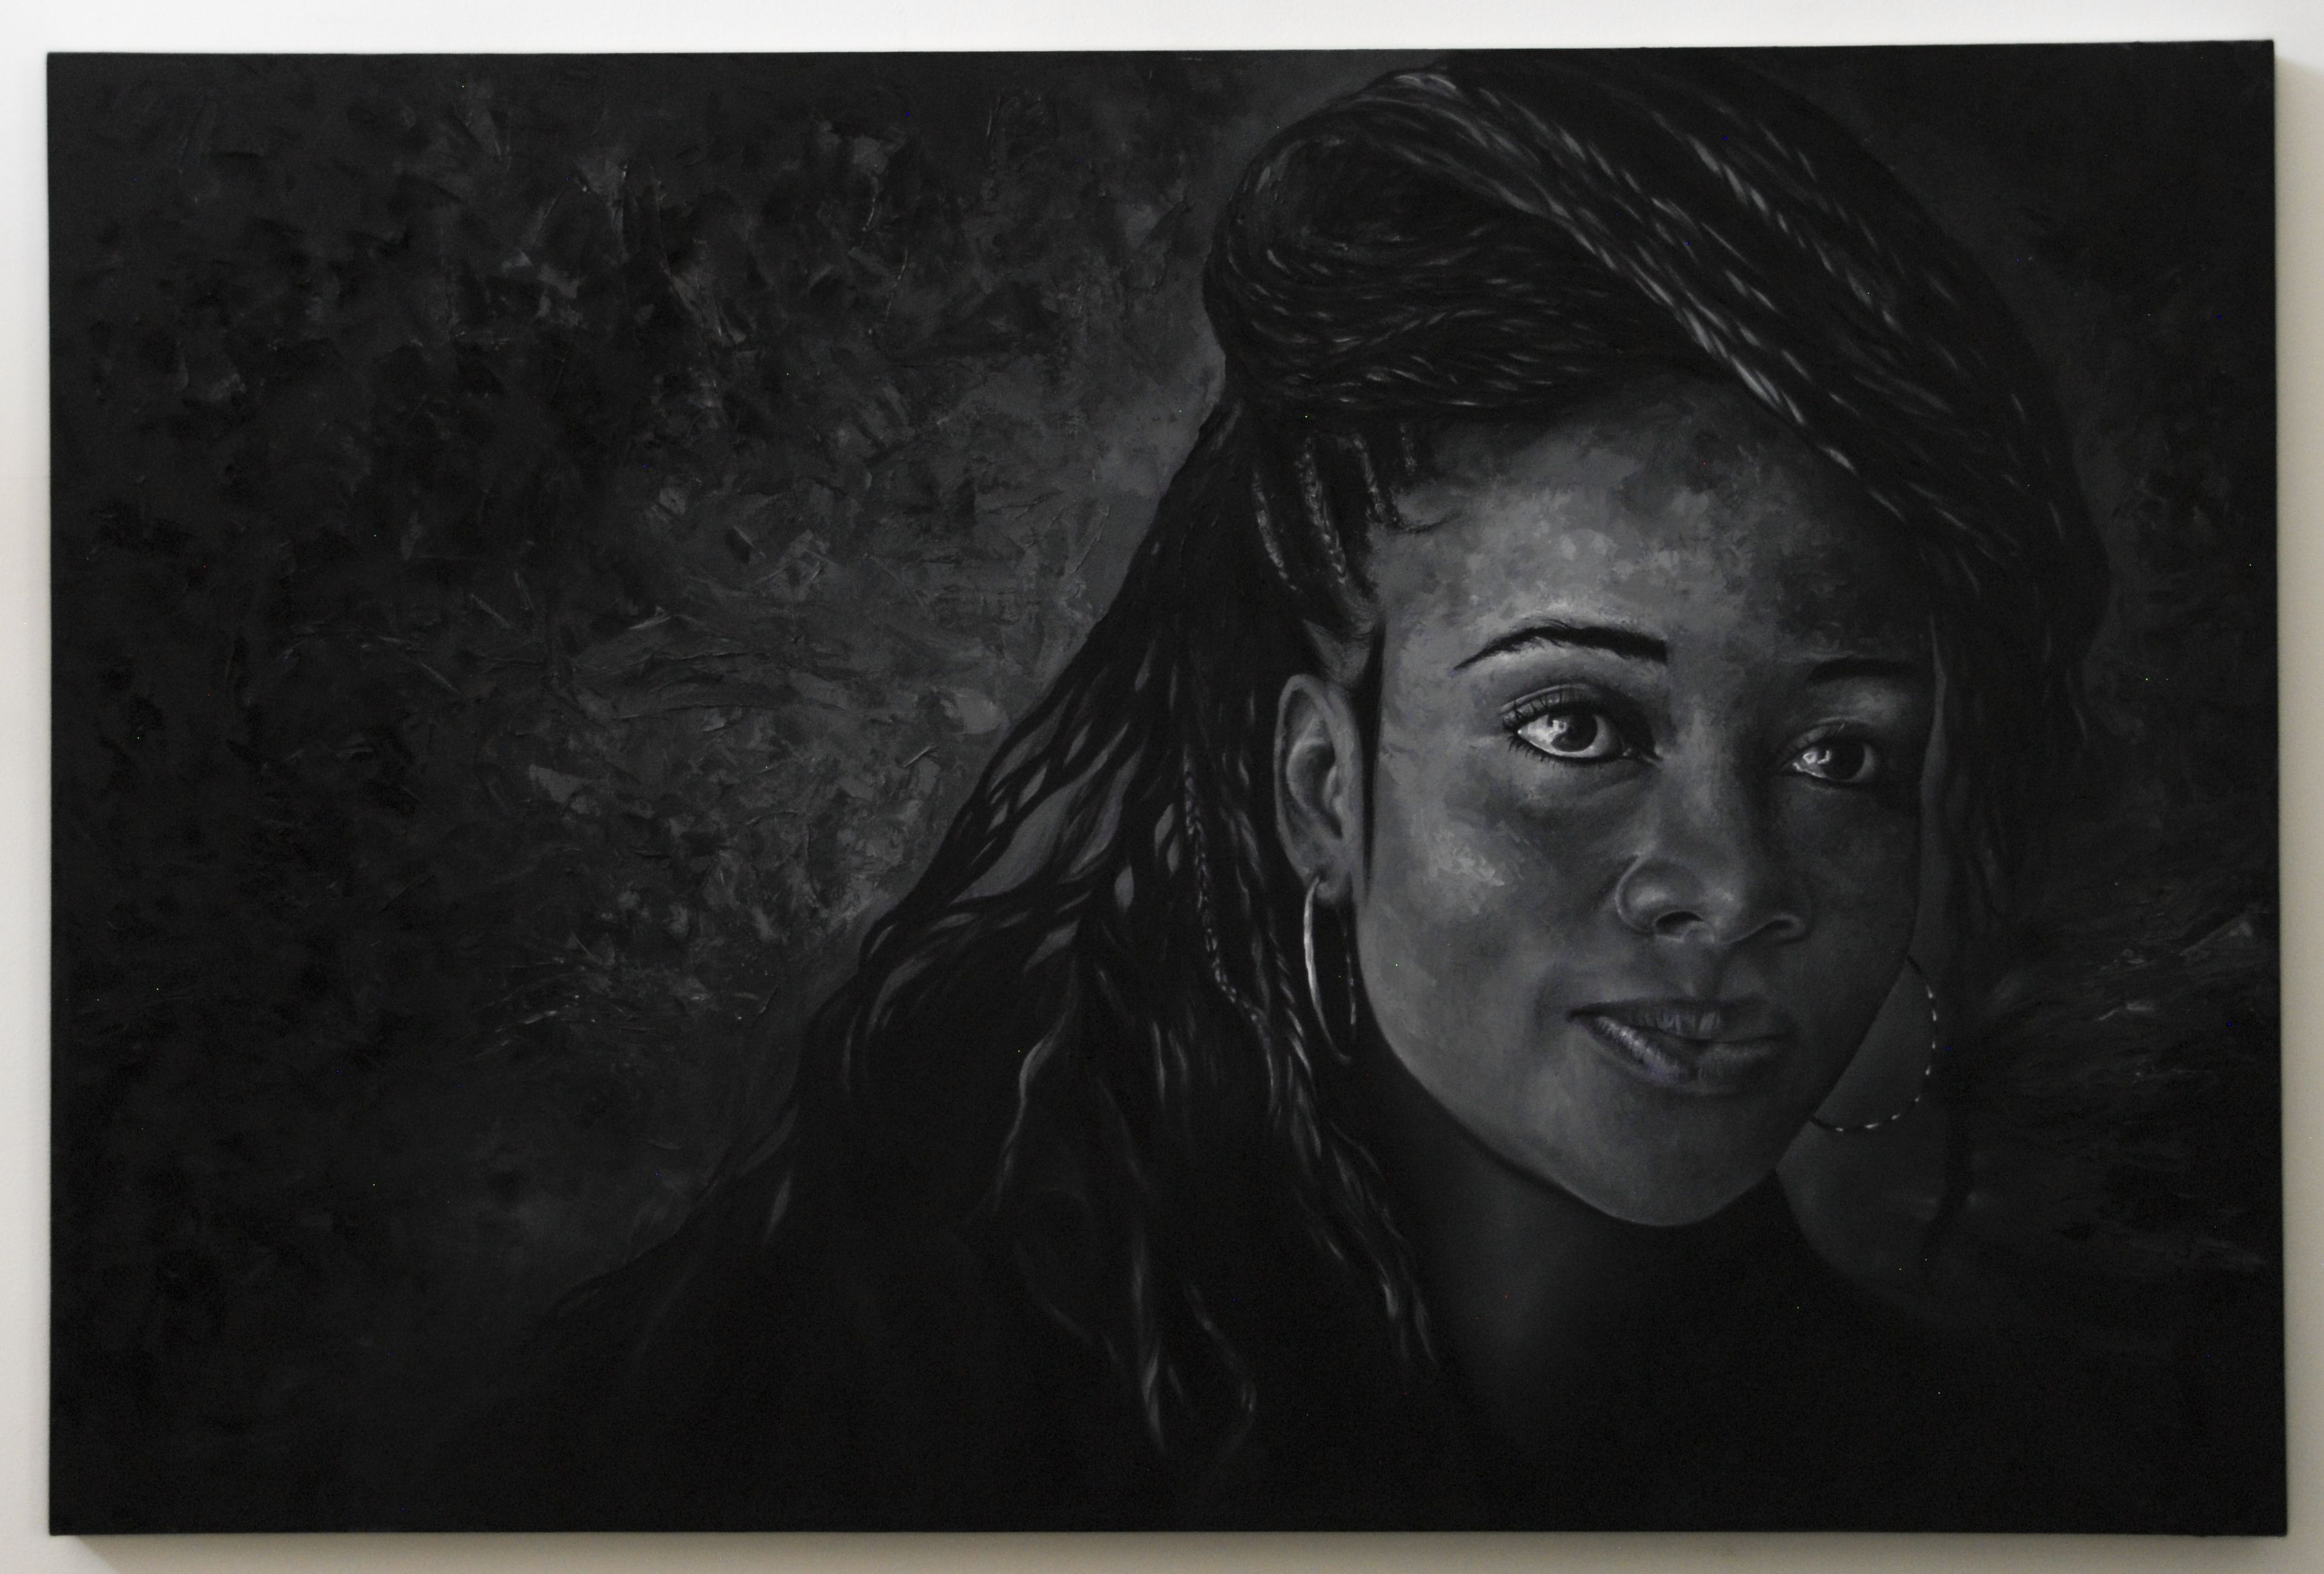 Óleo sobre lienzo (espátula) LUZ 150 x 100 cm.